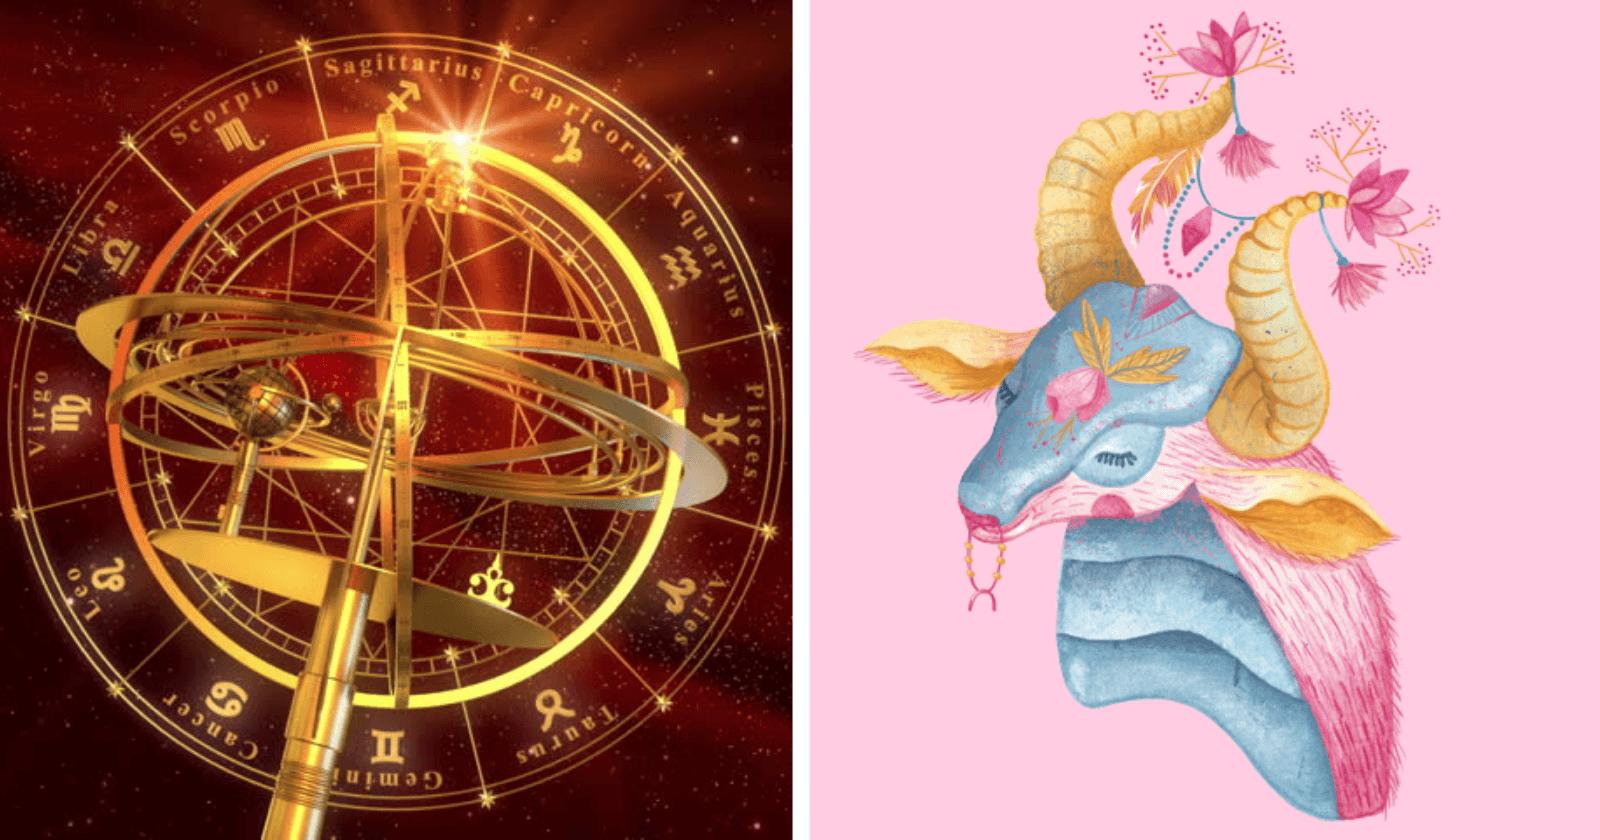 O zodíaco está repleto de positividade para hoje, leia o Horóscopo de Sábado (17/10)!